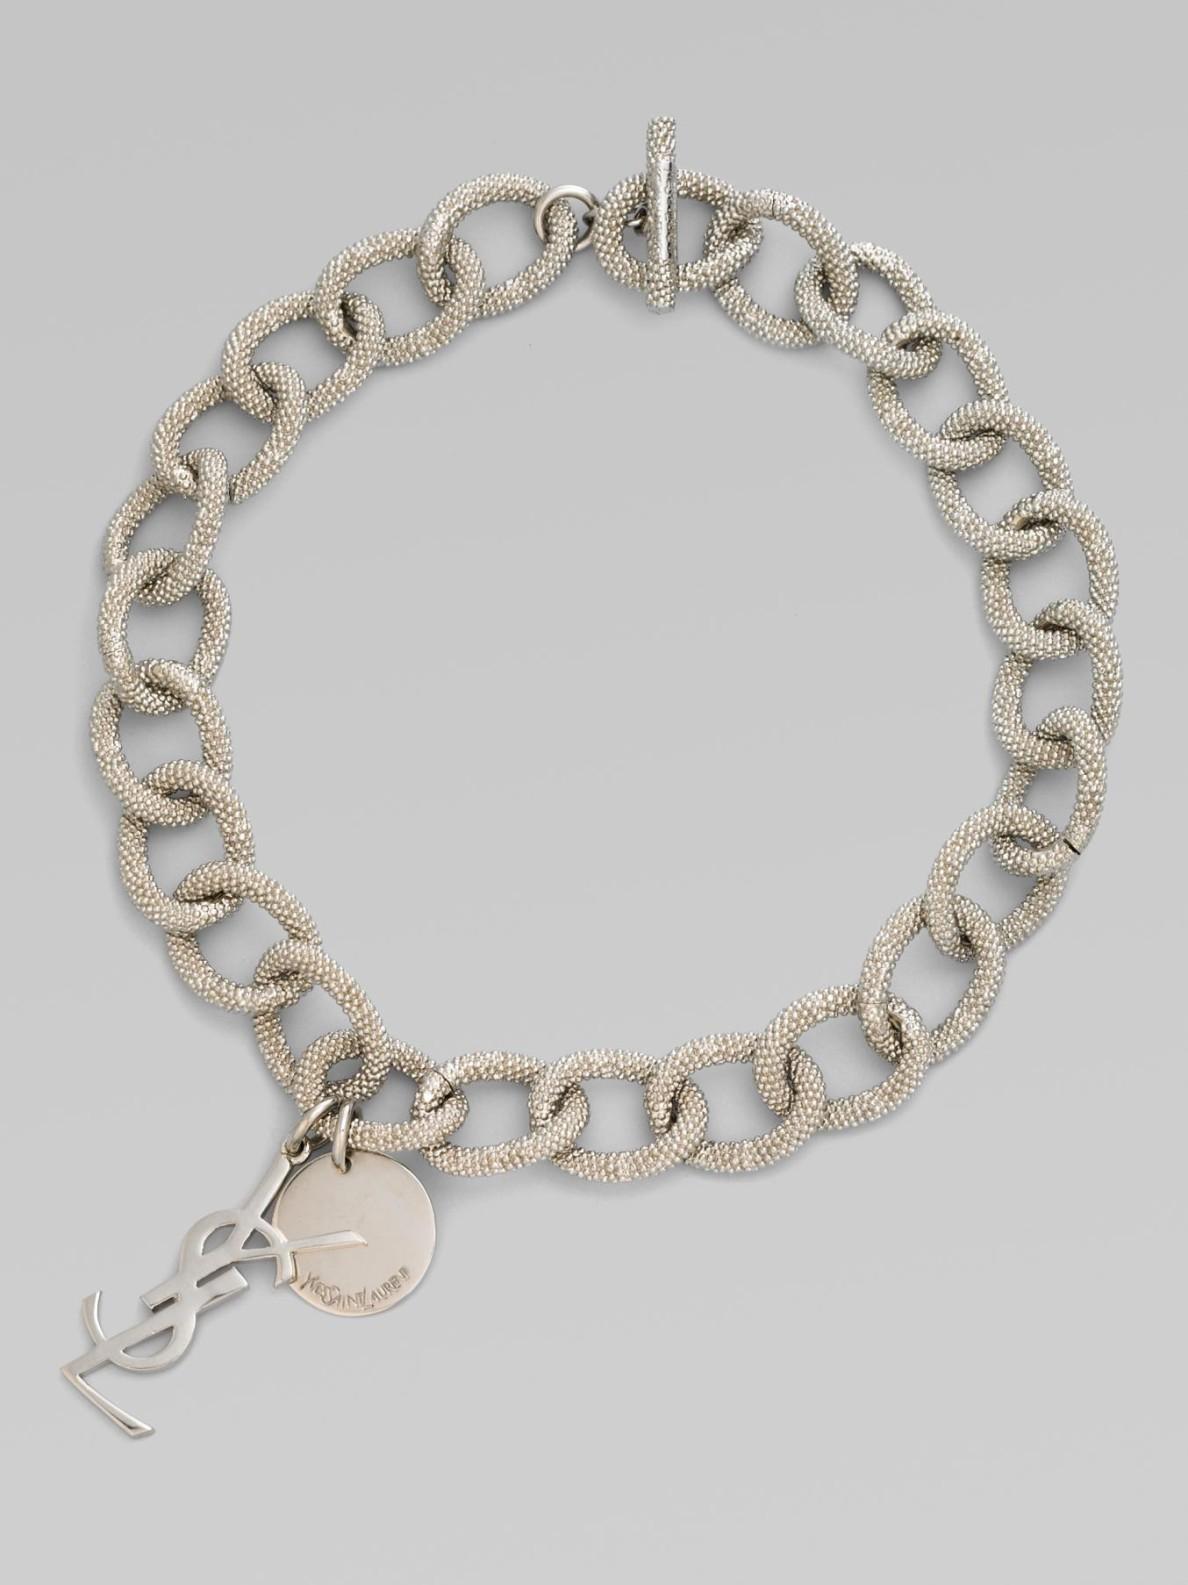 83dddc996c19fd Saint Laurent Textured Links Necklace in Metallic - Lyst